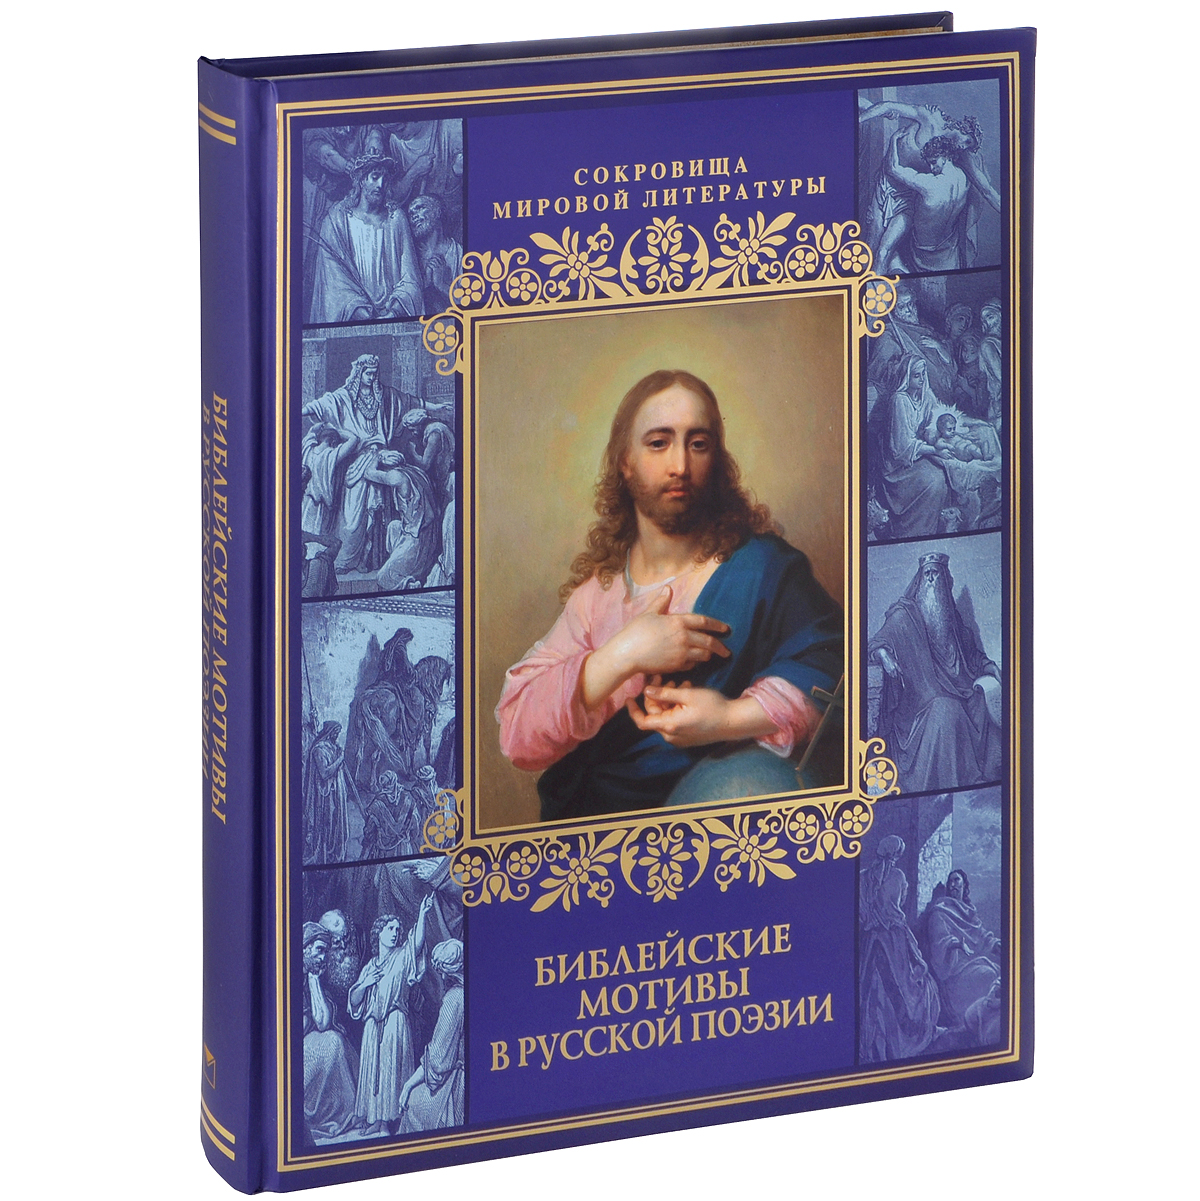 Библейские мотивы в русской поэзии александра эсперанса танец под запретом